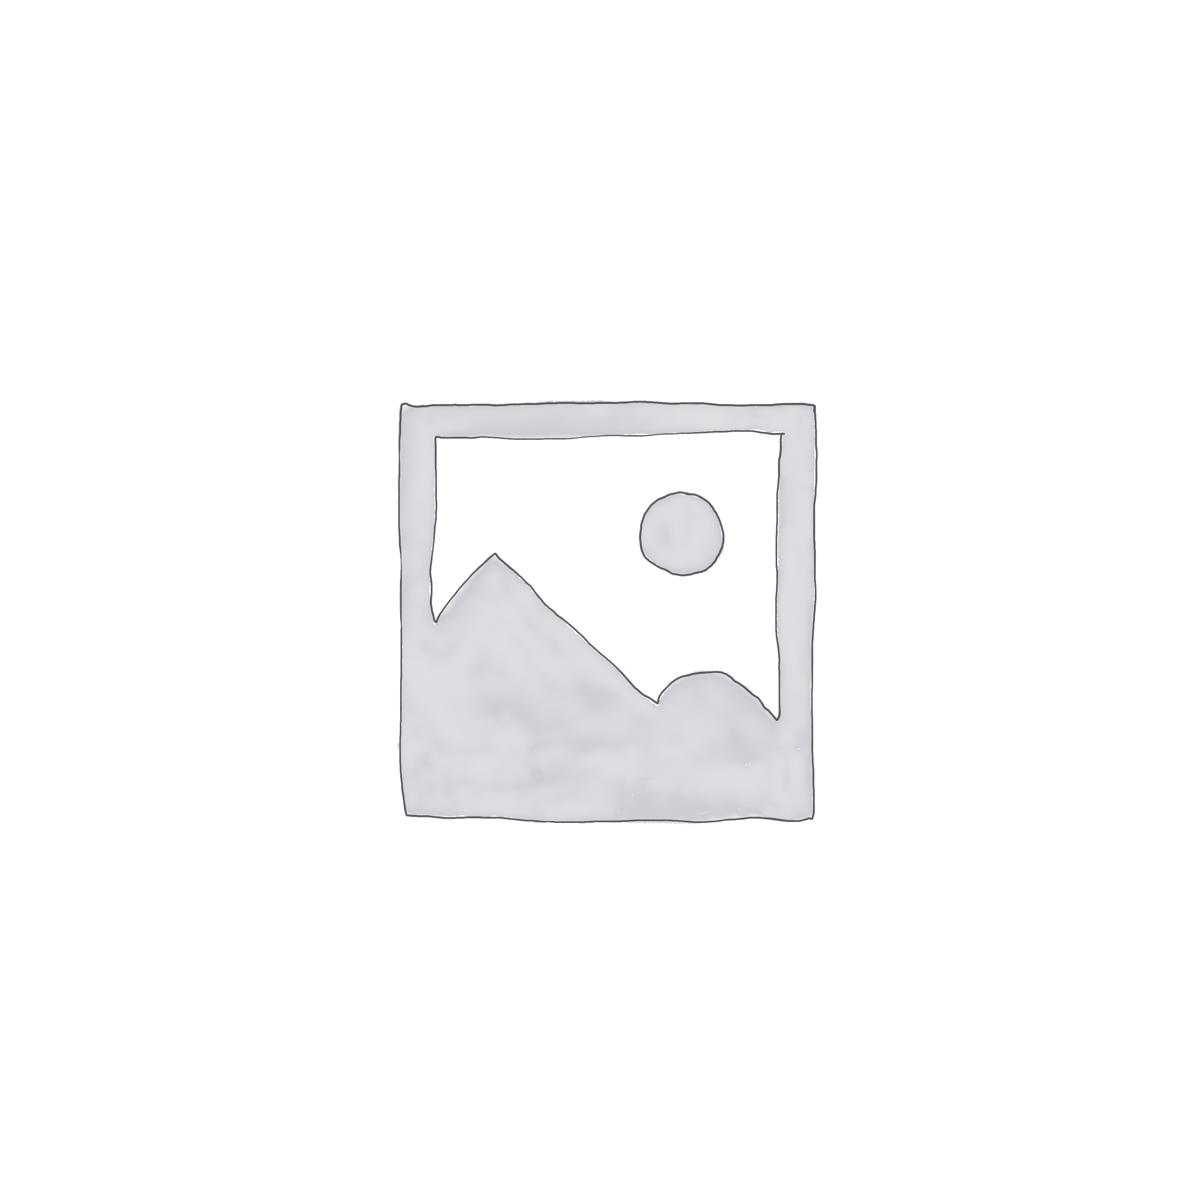 3D Embossed Look Magnolia Floral Art Wallpaper Mural